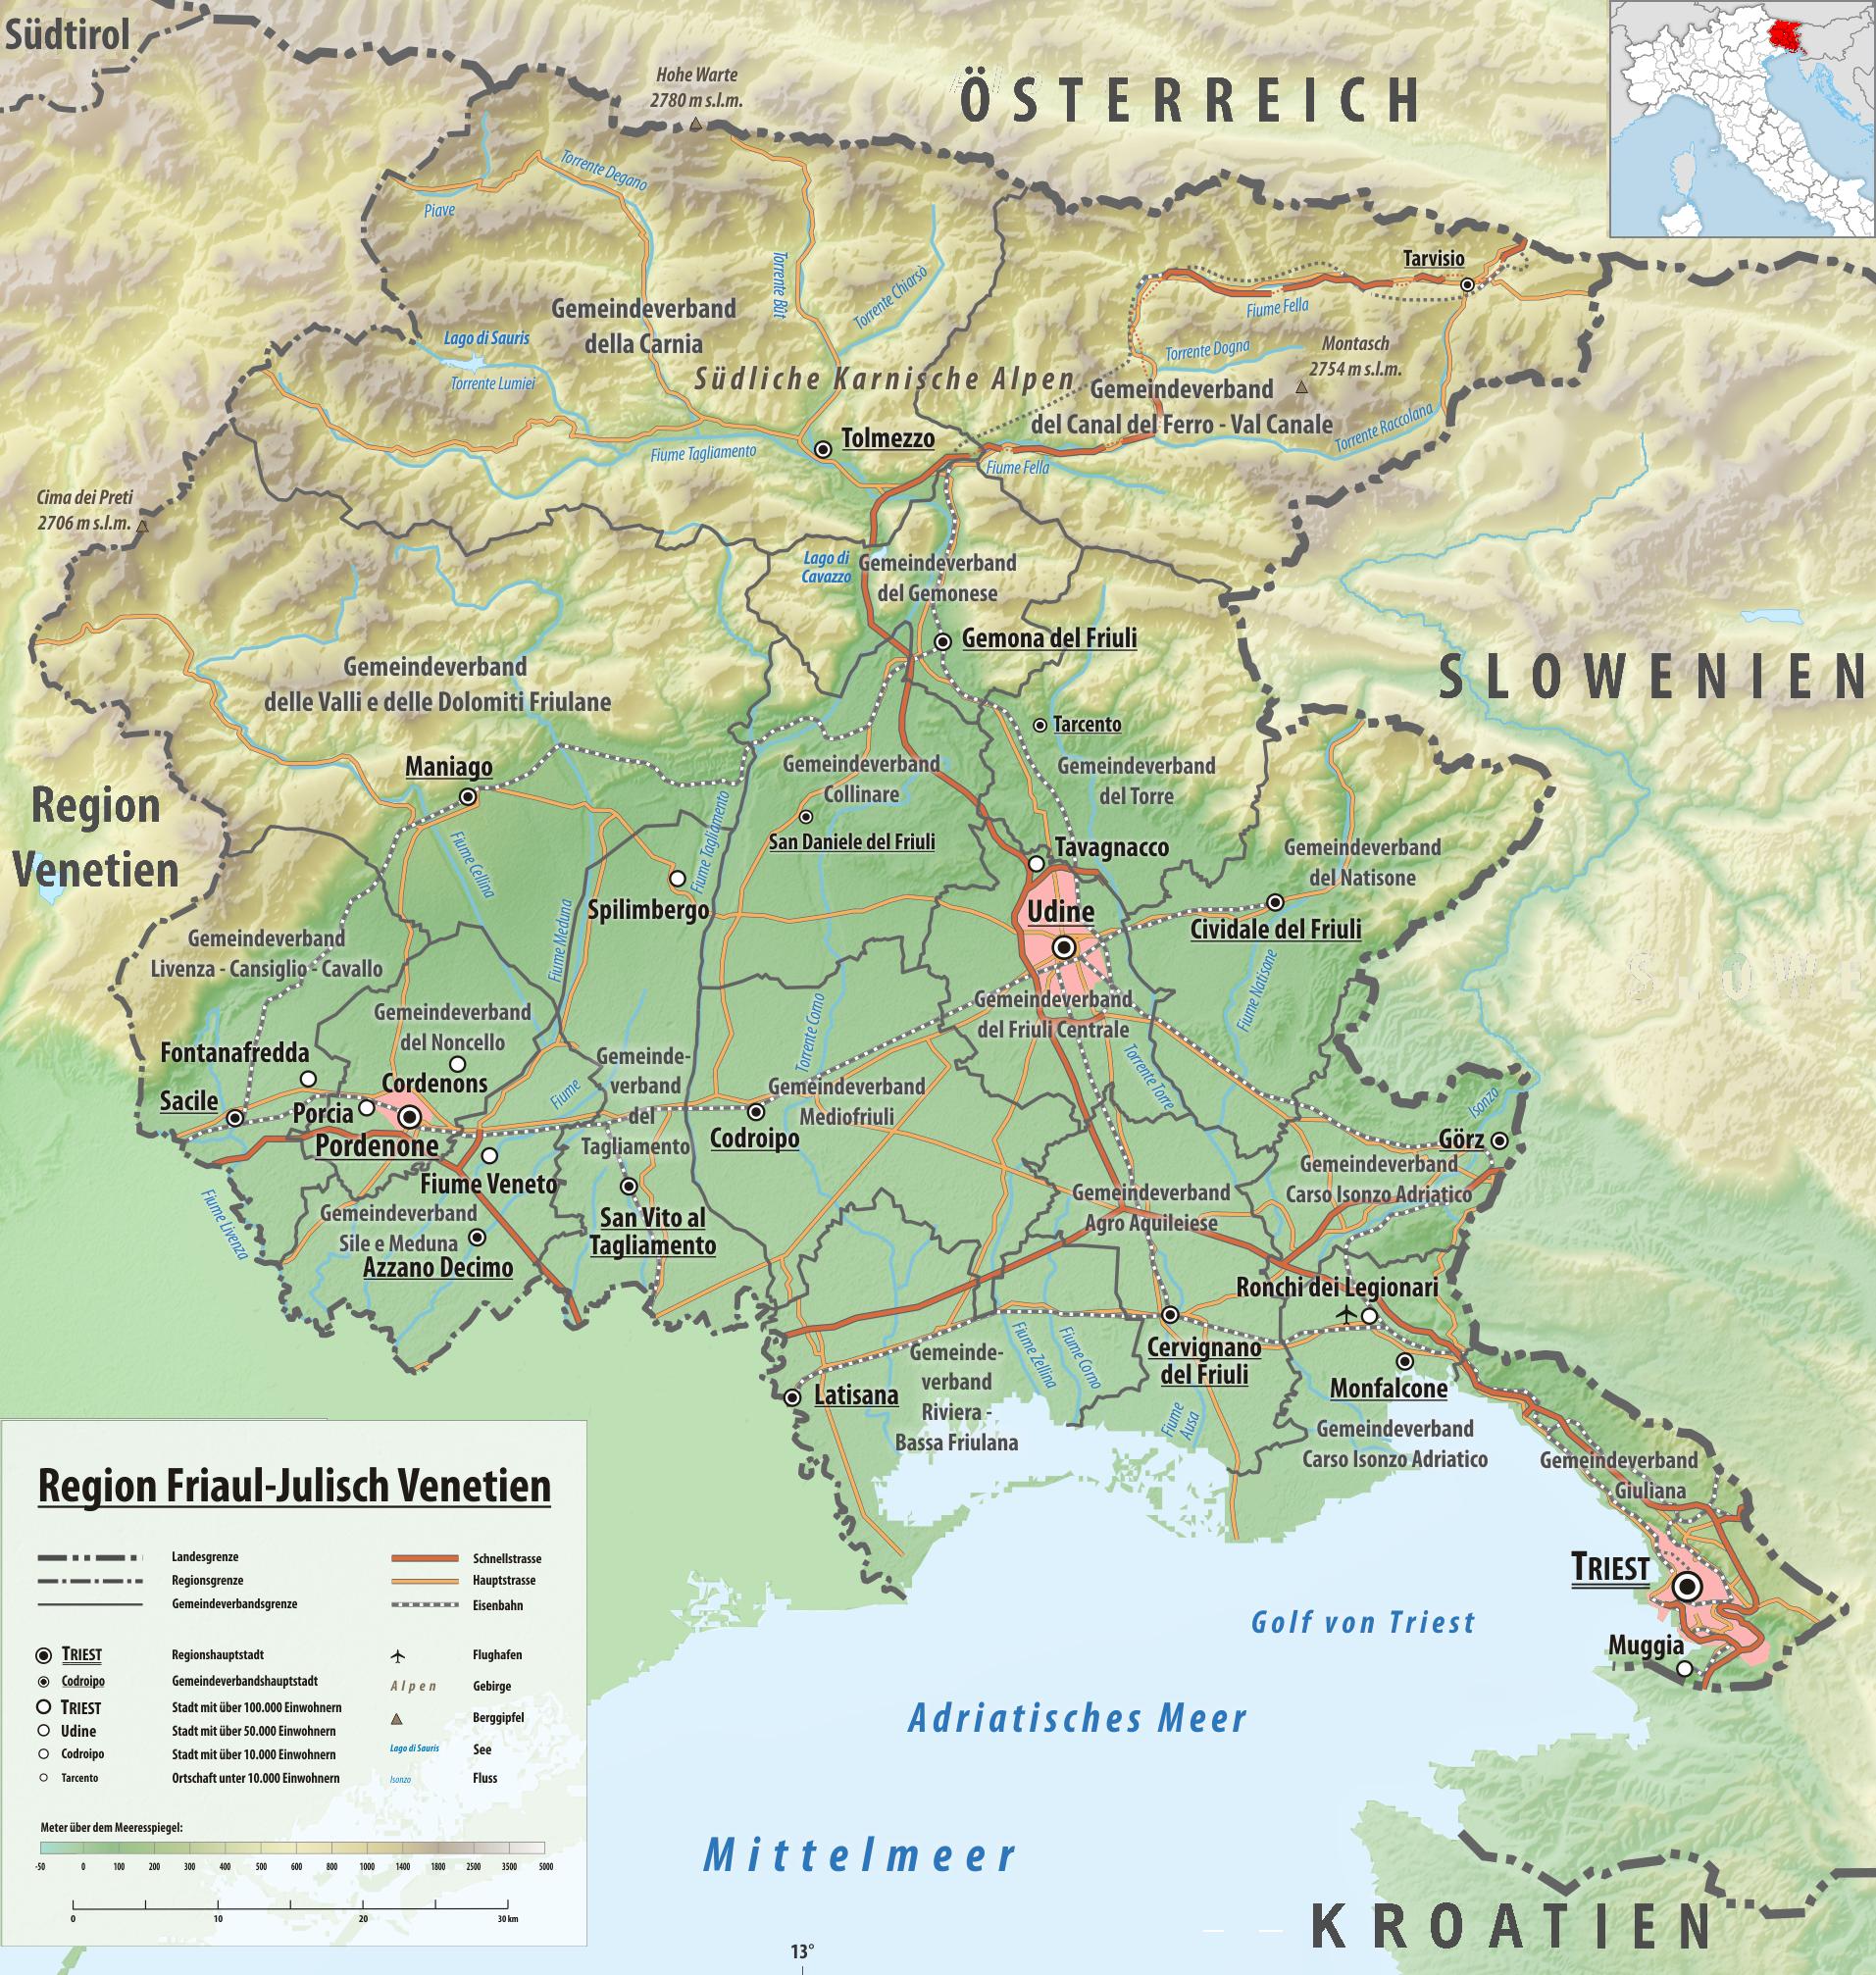 Reliefkarte Friaul-Julisch Venetien 2020.png